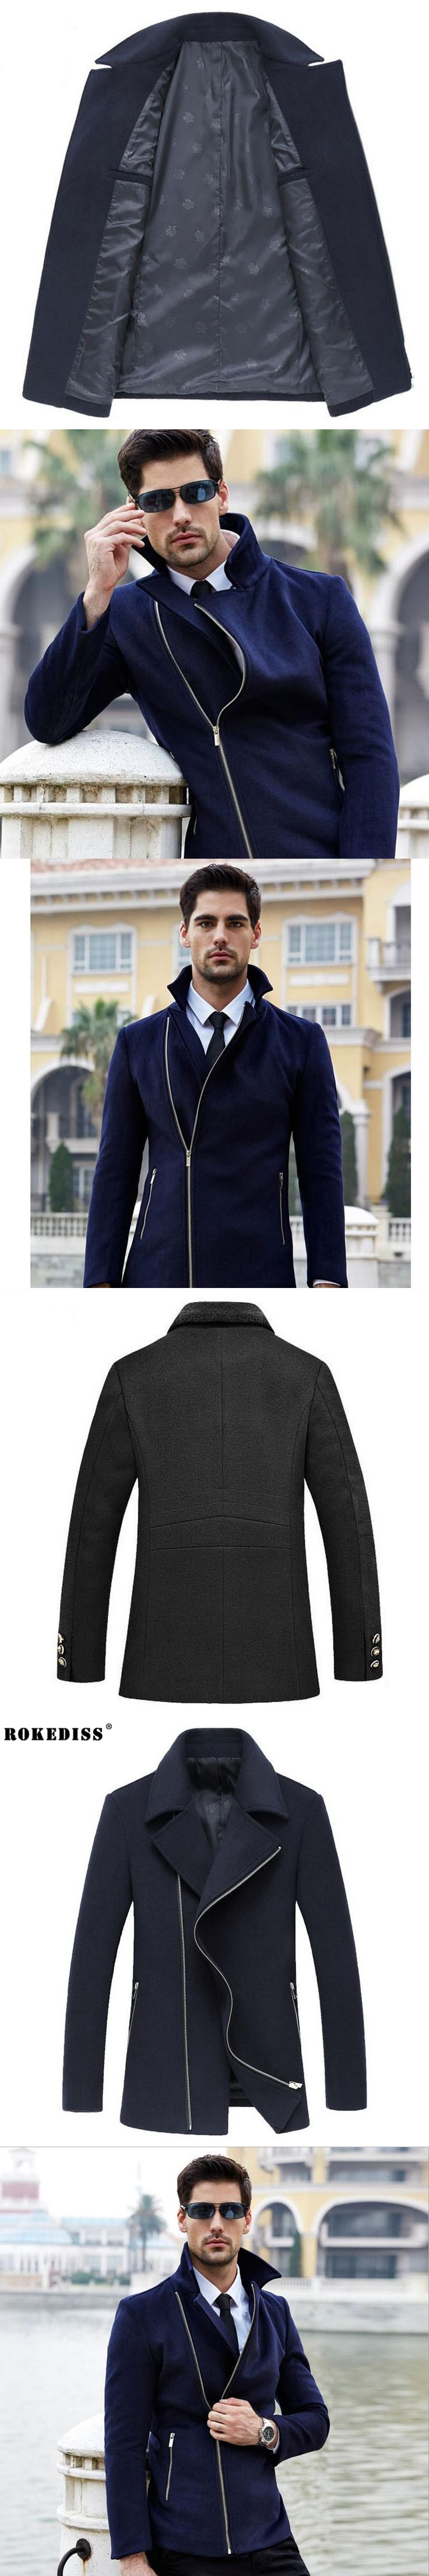 ROKEDISS 2017 New Wool Blends Suit Design Woolen Men's Casual Trench Overcoat Design Slim Jackets Coat for Men Z231